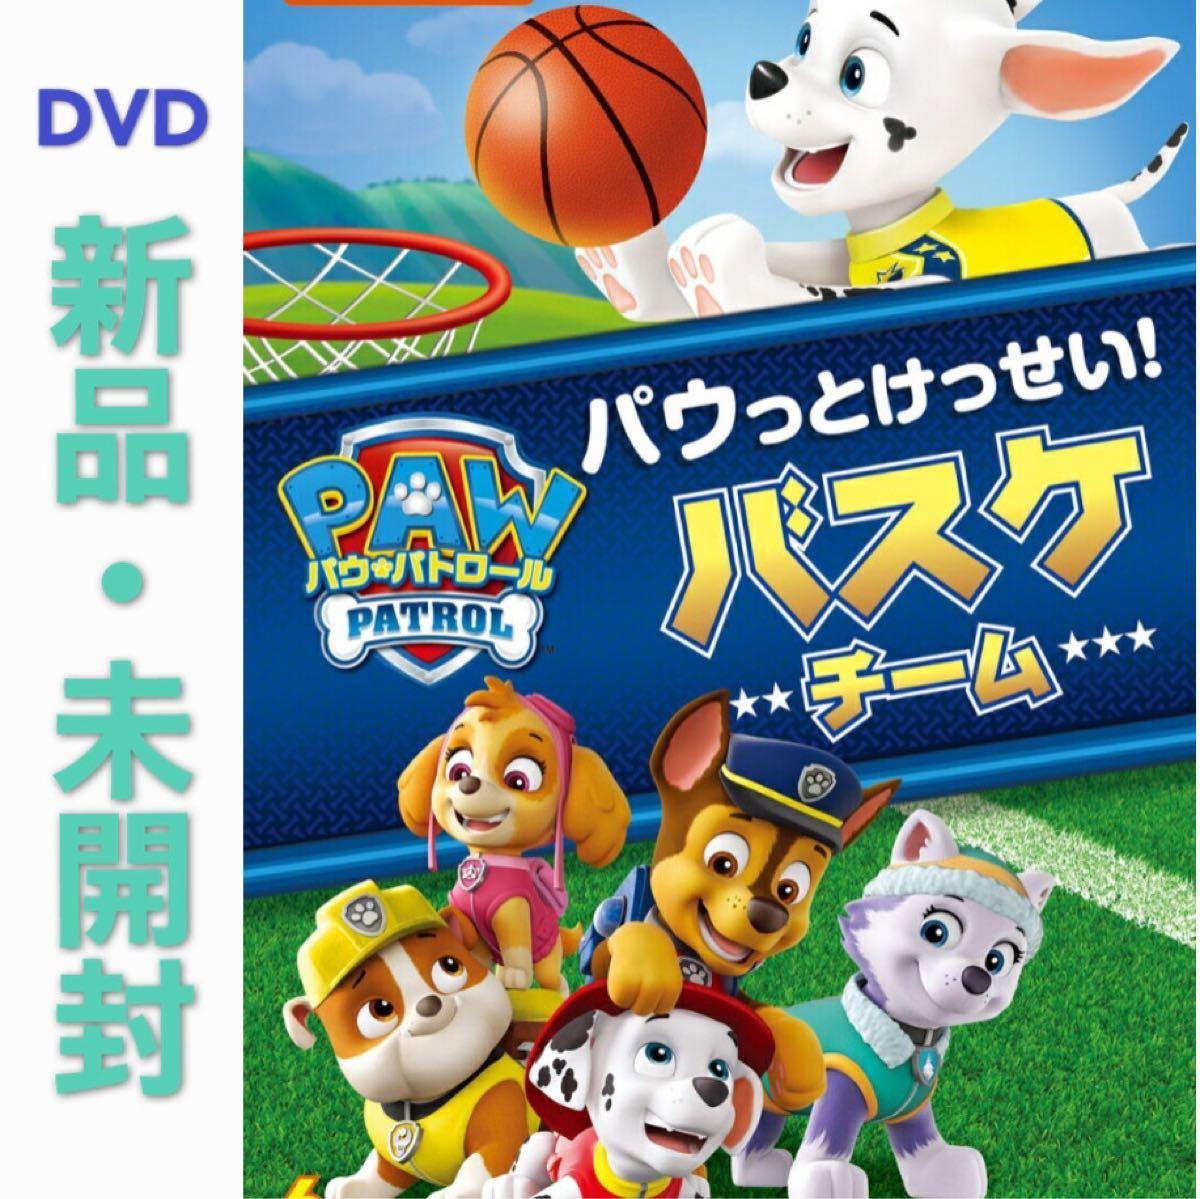 DVD パウ・パトロール シーズン2 パウっとけっせい!バスケチーム 新品未開封